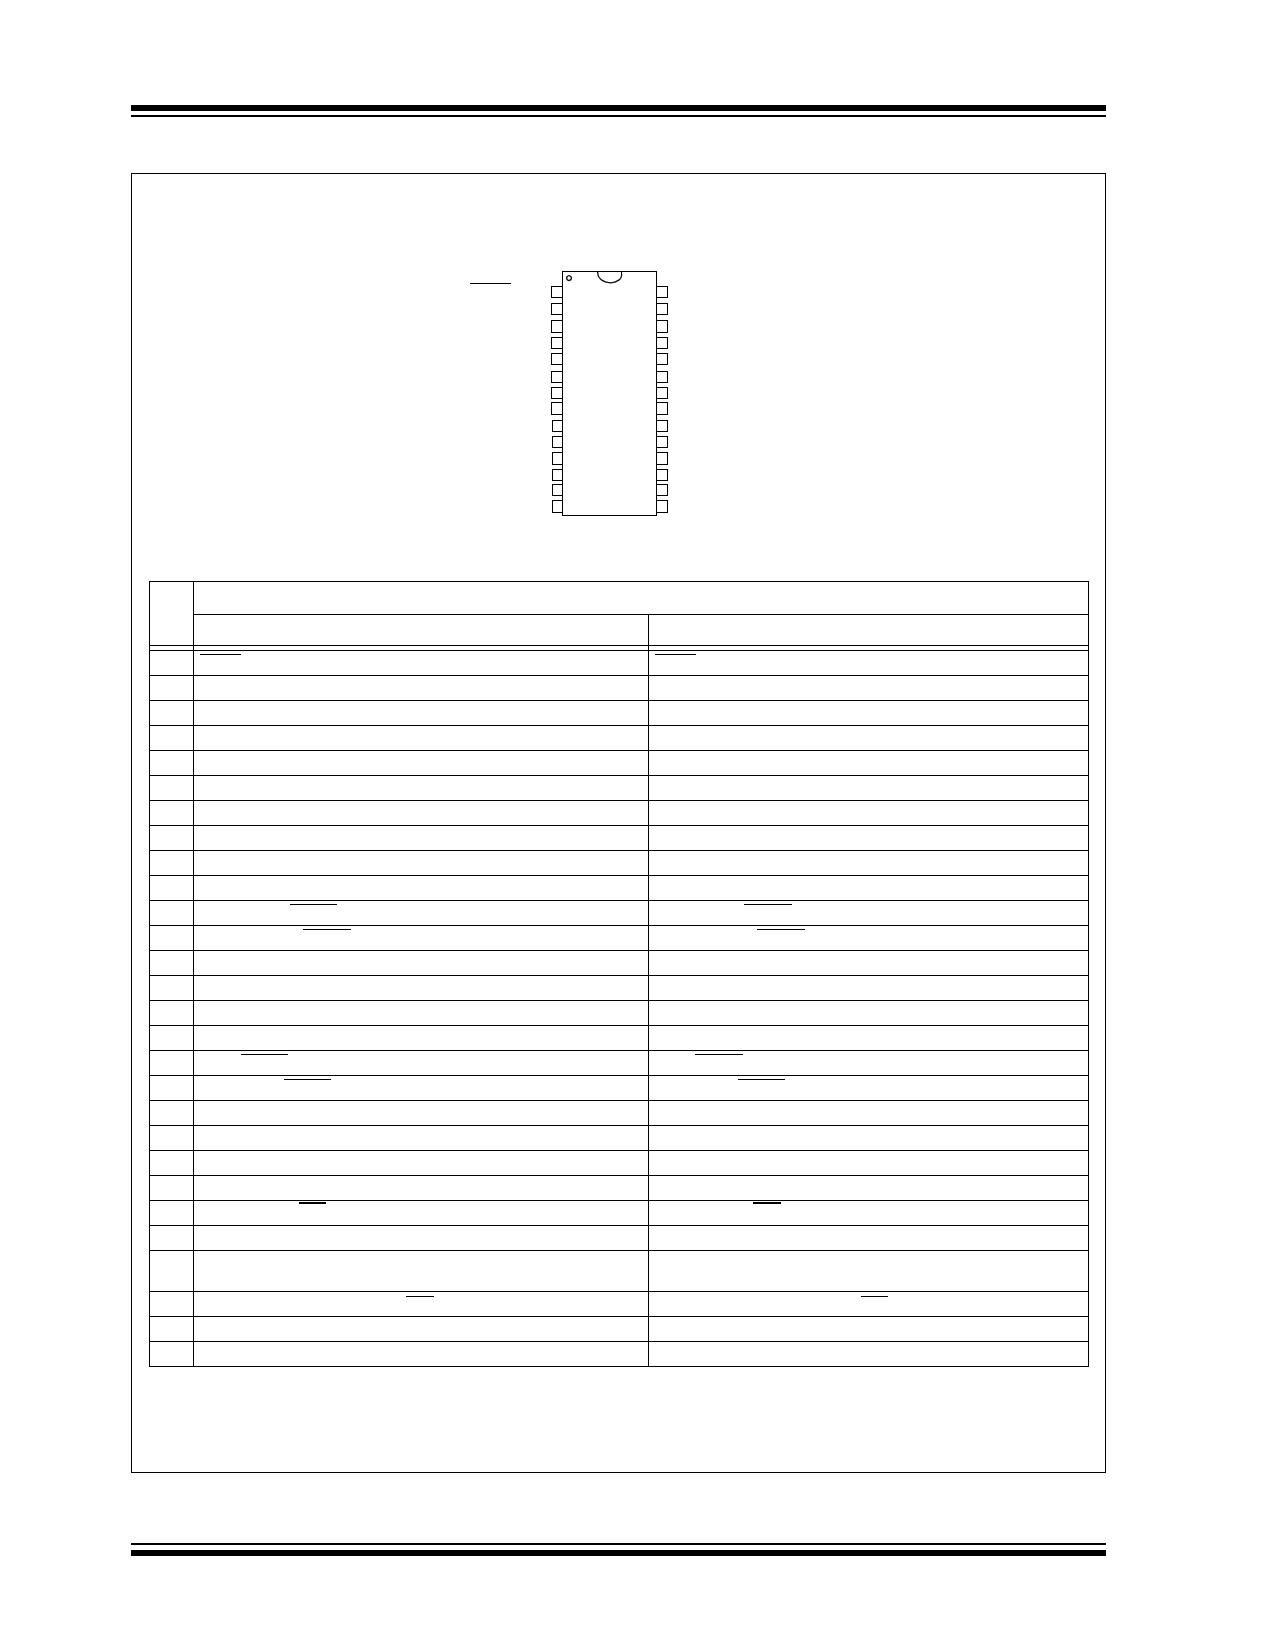 PIC24F32KA304 pdf, 반도체, 판매, 대치품